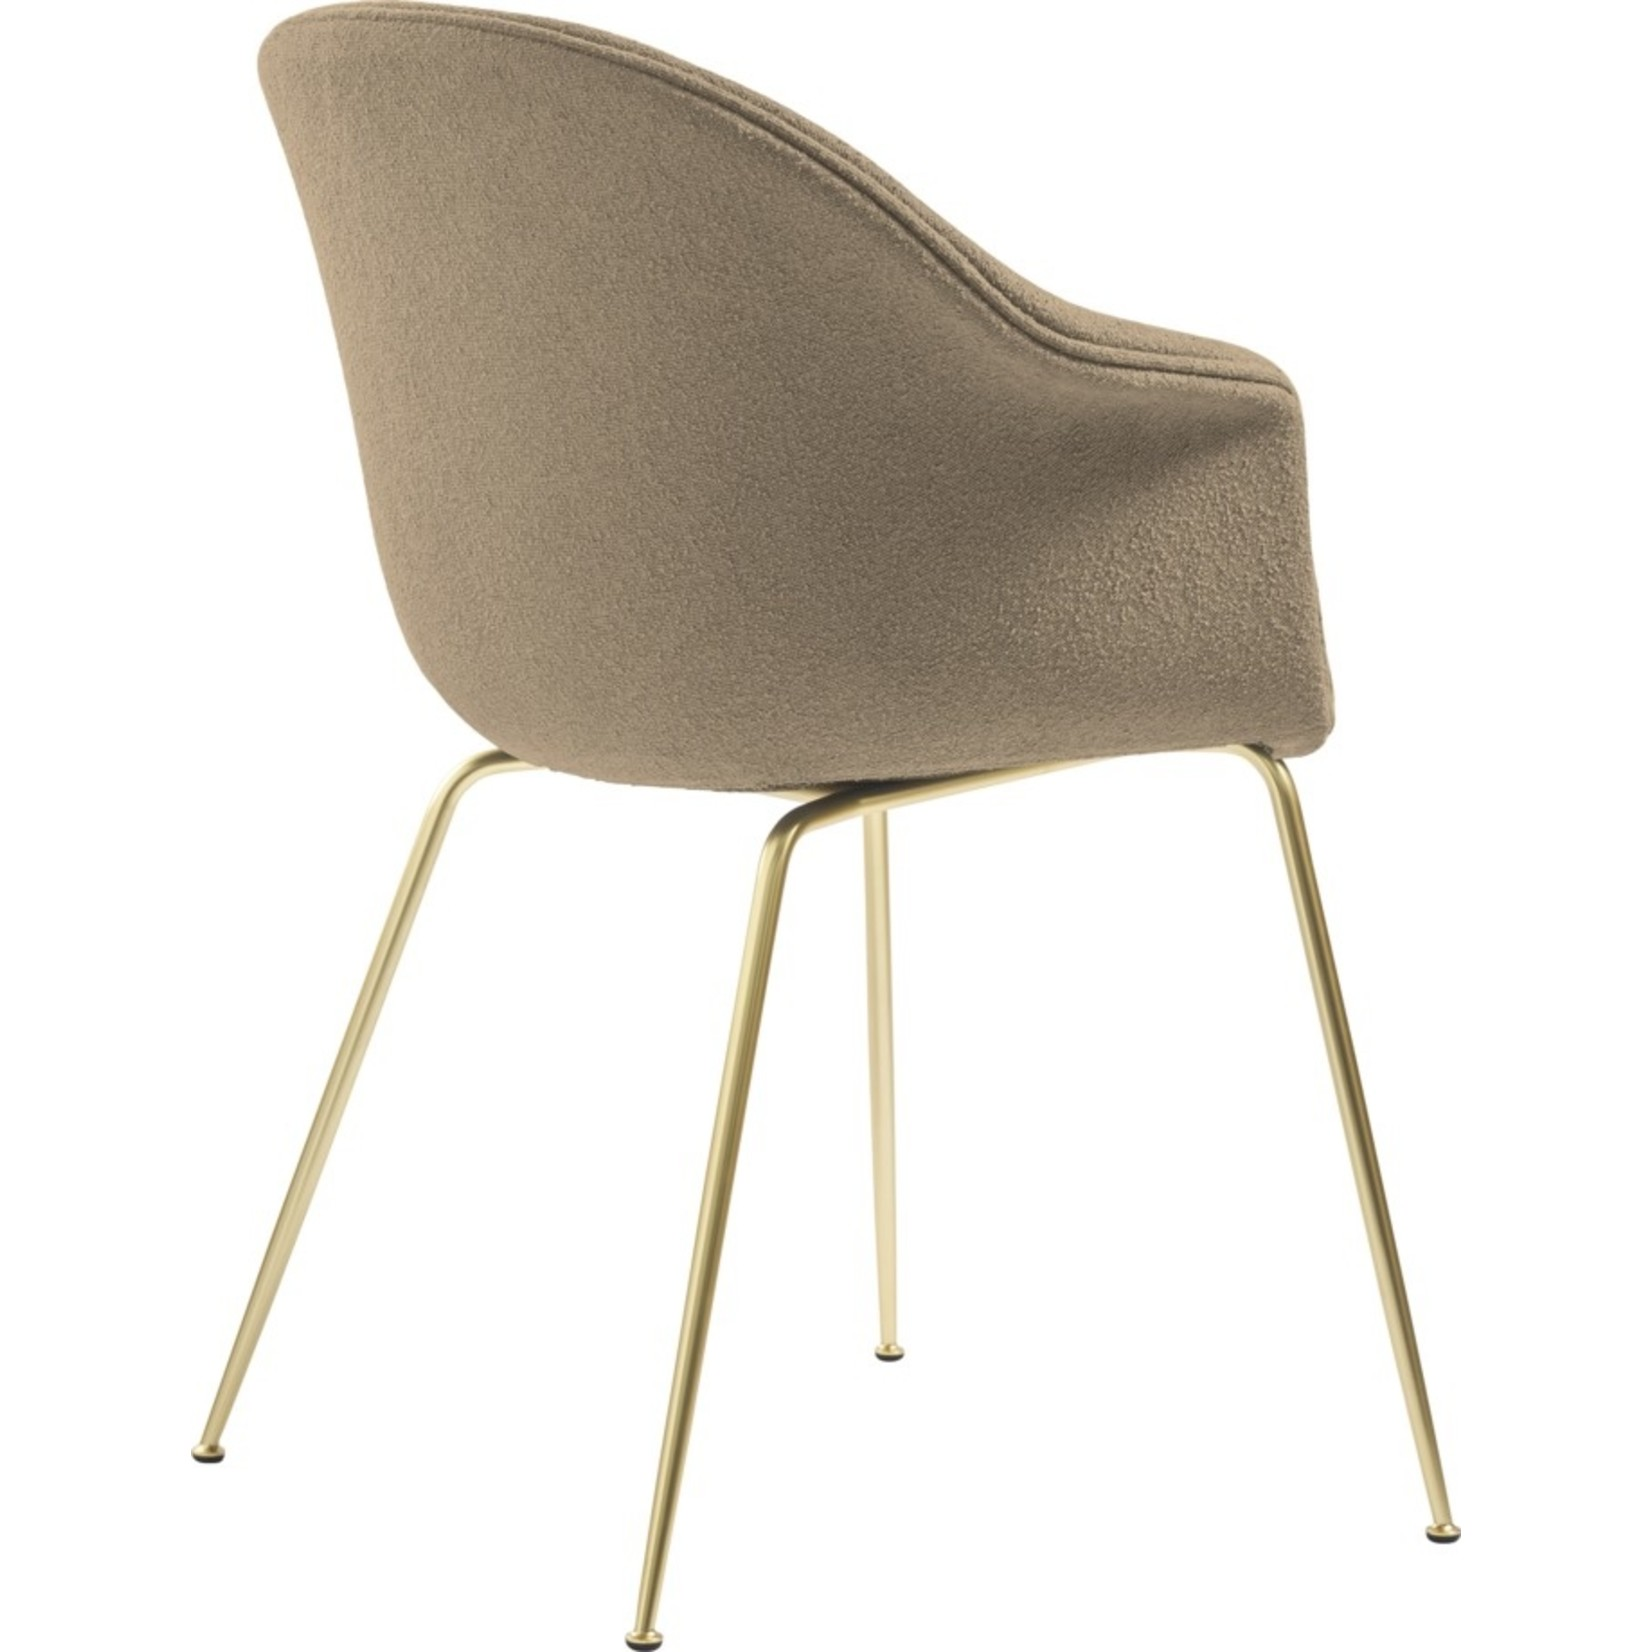 Gubi Chaise de salle à manger de chauve-souris | Light Bouclé 003 & Base Laiton Semi Mat